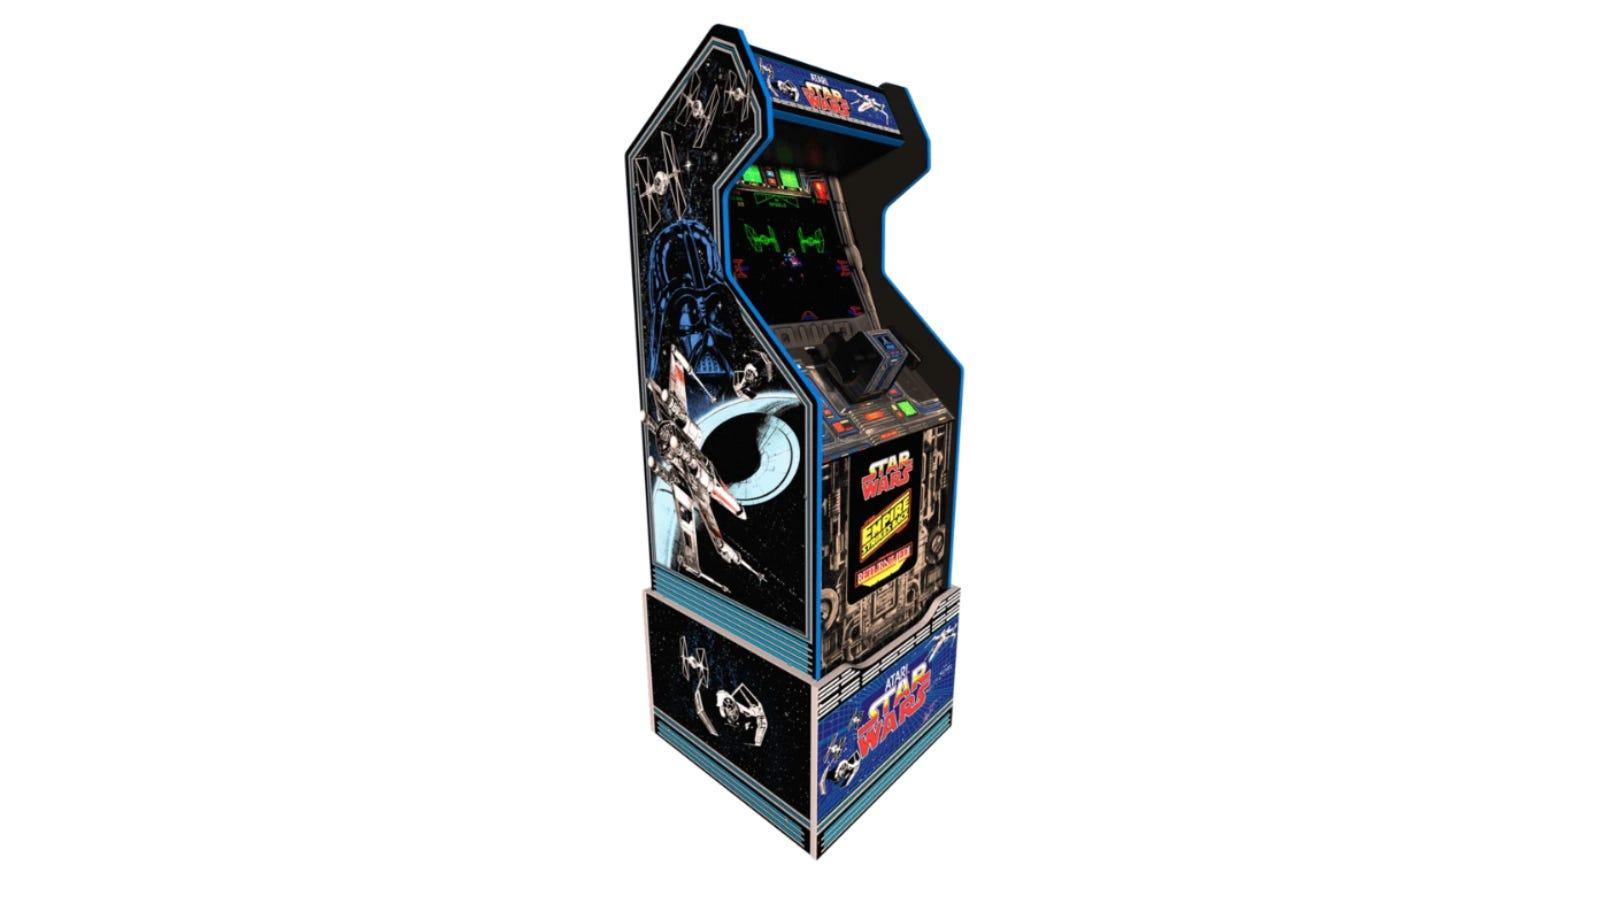 Arcade1Up Star Wars Cabinet